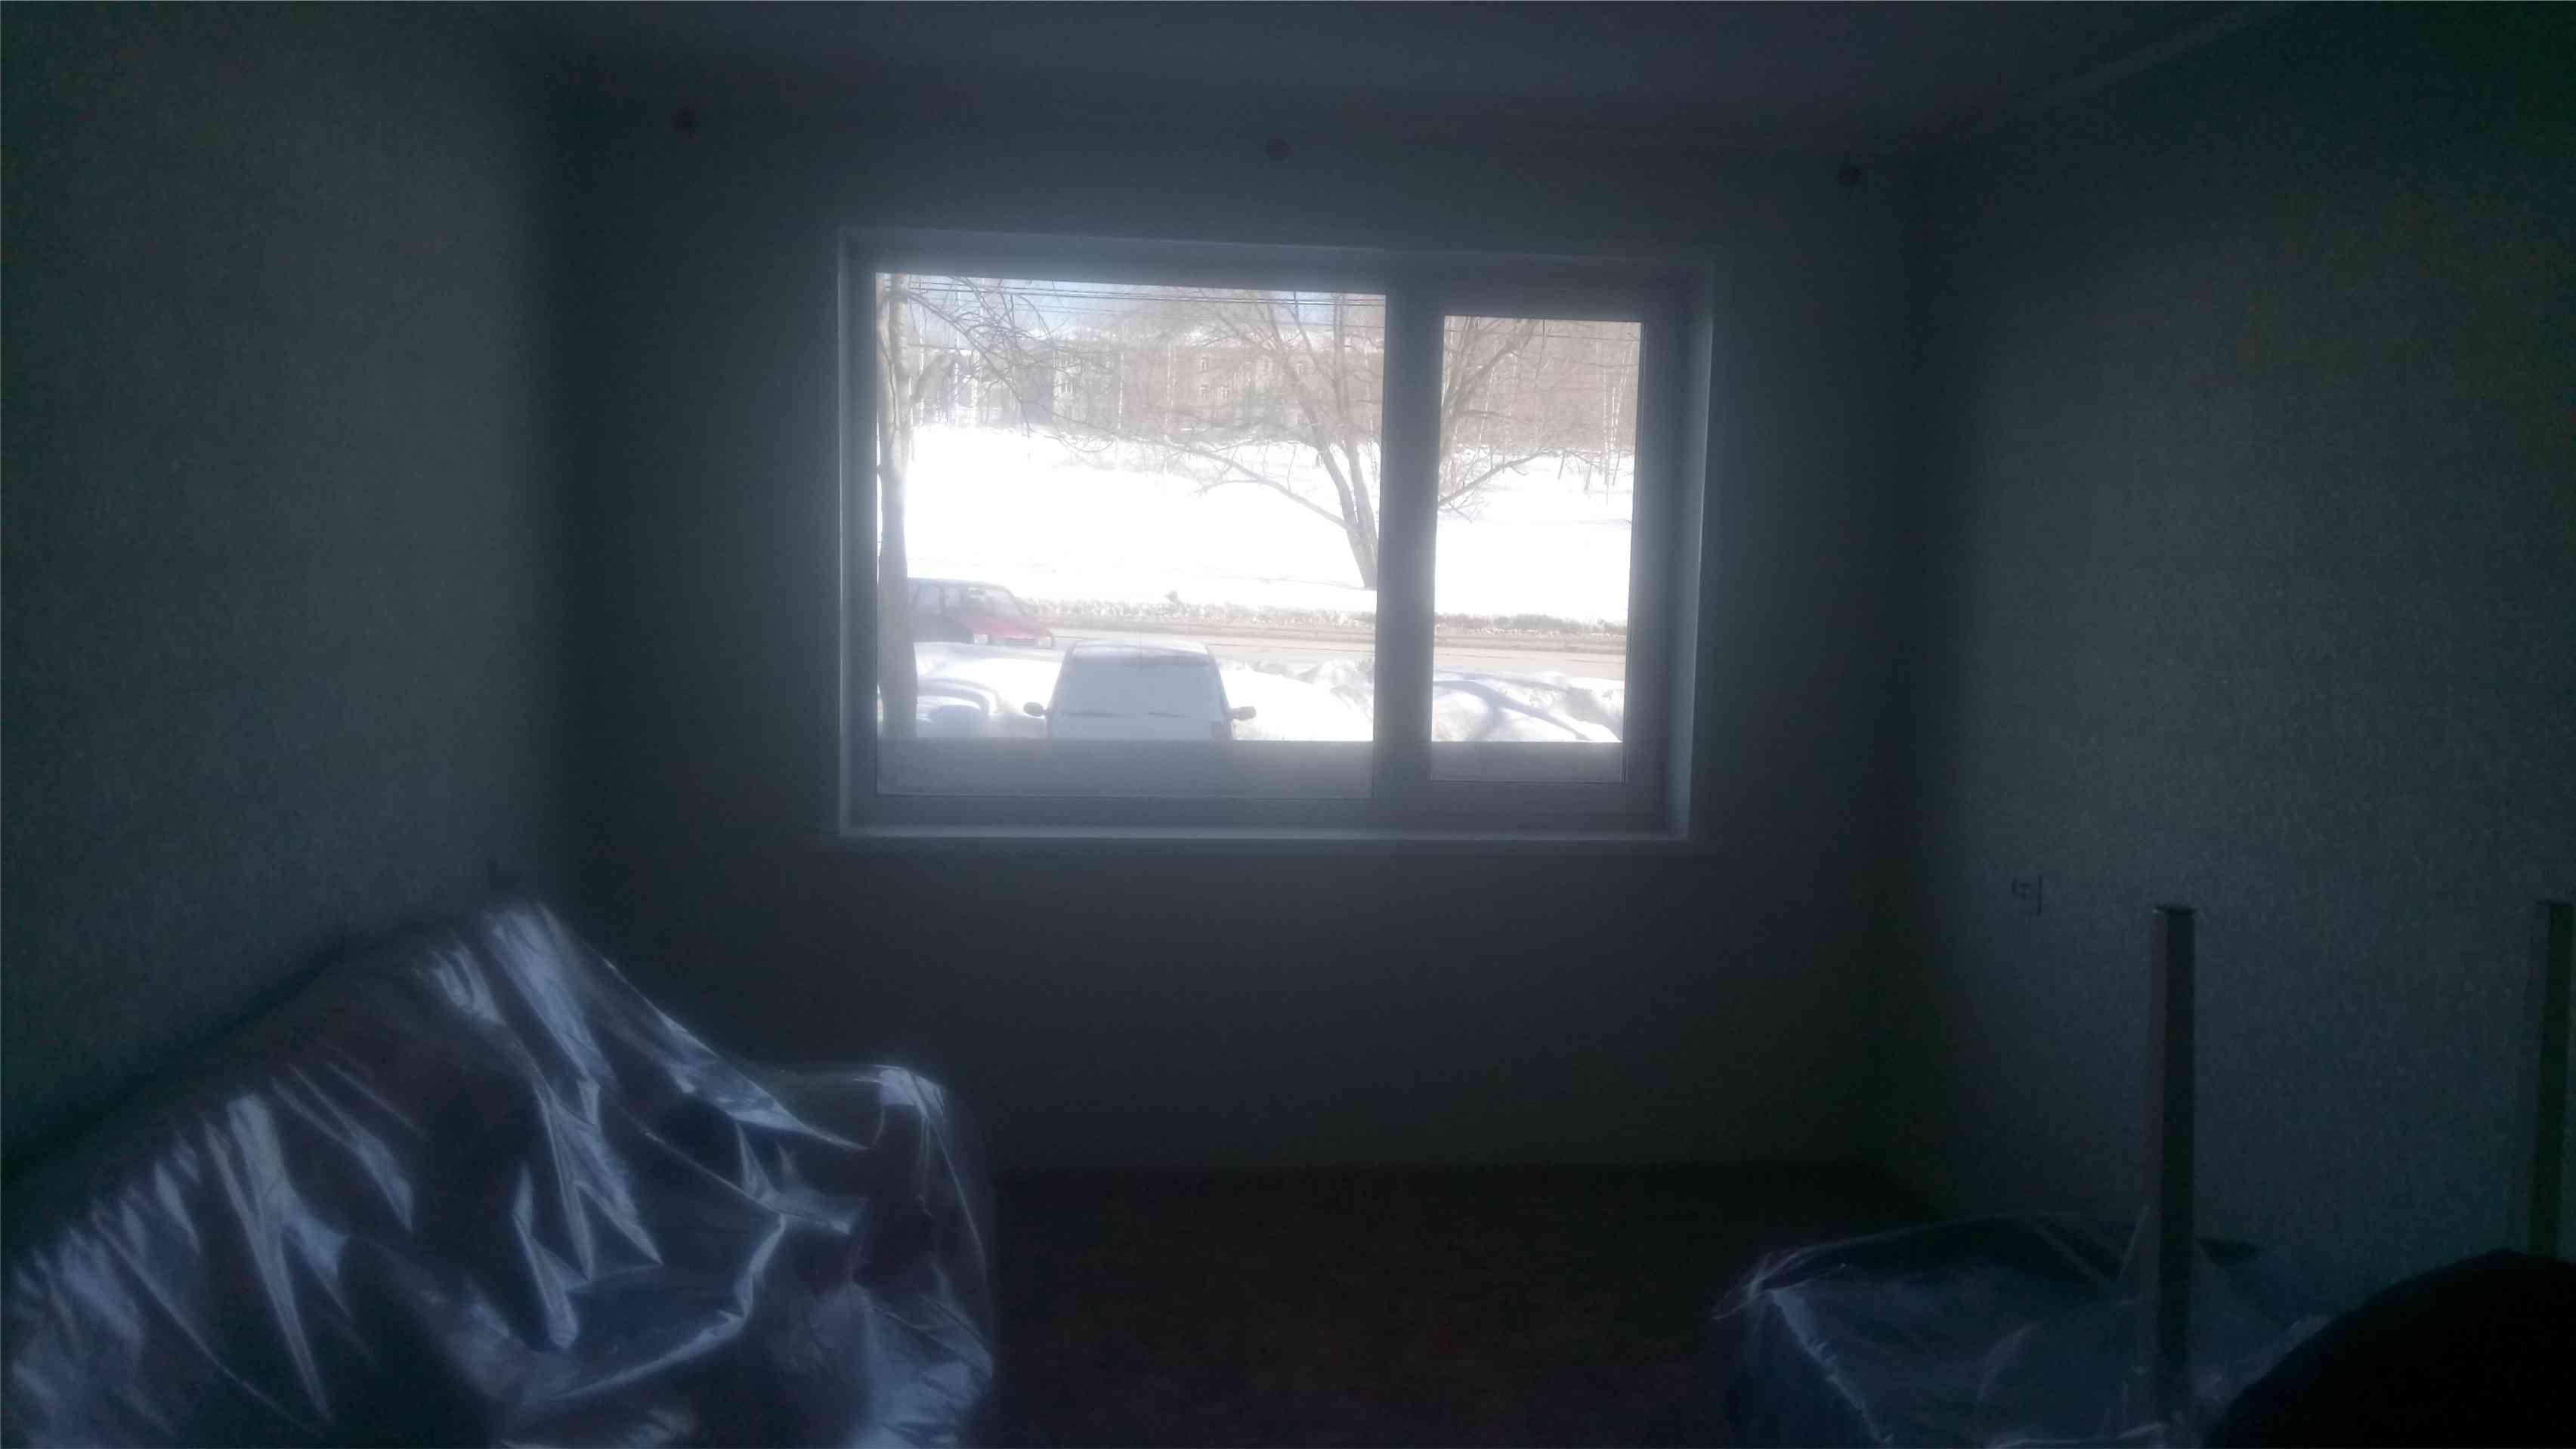 фотография демонтажа оконного блока